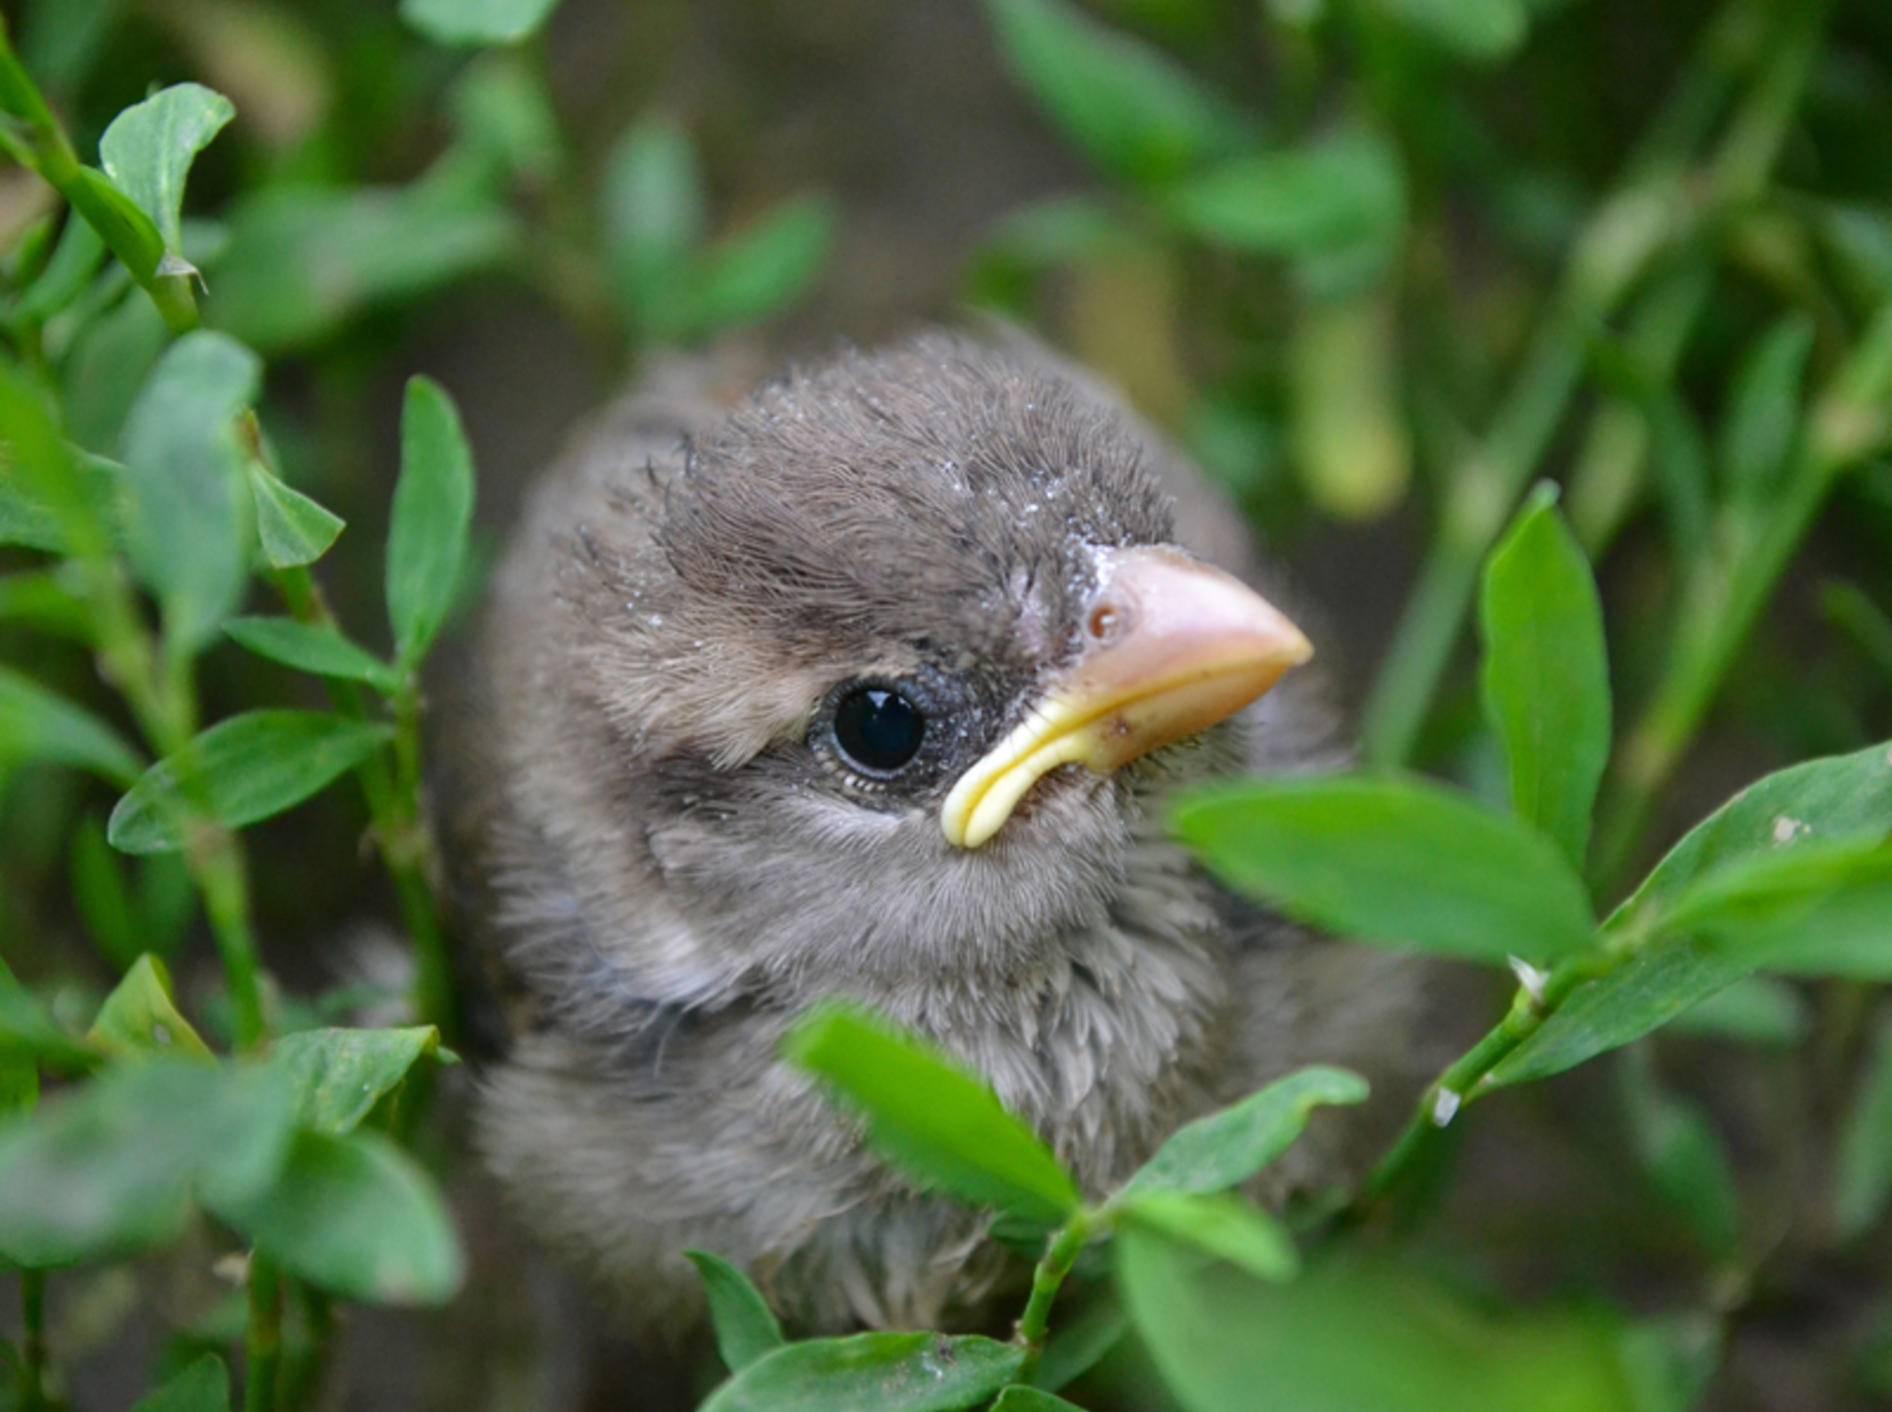 Keine Sorge, kleiner Vogel, im Gebüsch bist du sicher, bis deine Mama zum Füttern kommt – Shutterstock / Andrew Iurciuc